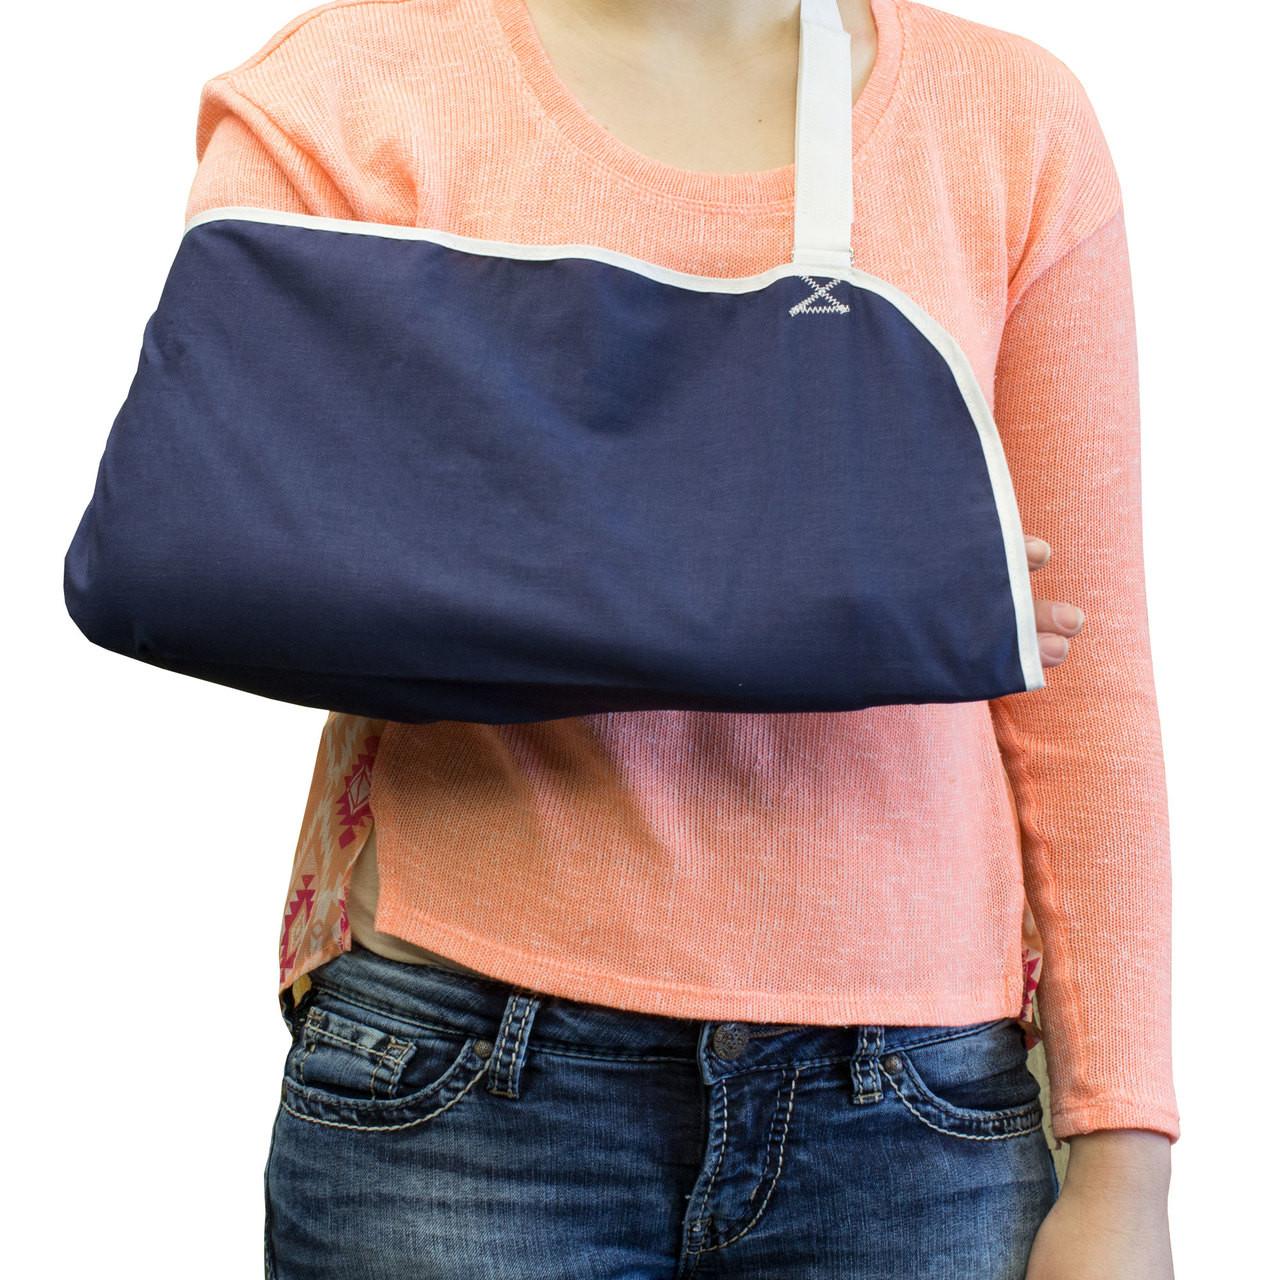 Shoulder Arm Sling w/Thumb Loop